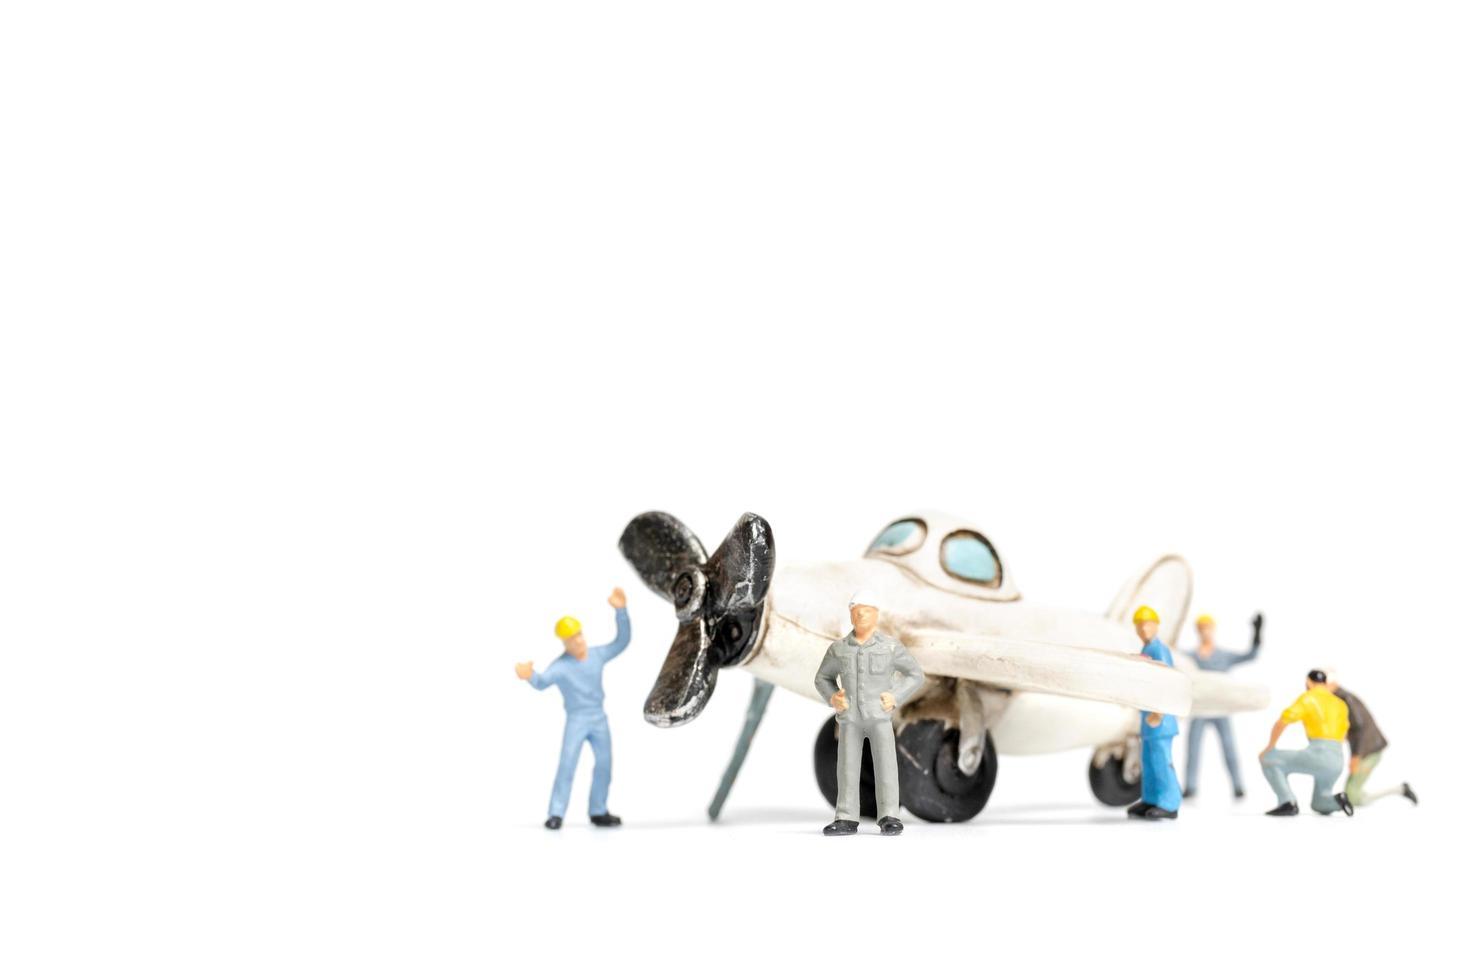 miniatyrarbetare som reparerar ett leksaksflygplan på en vit bakgrund foto